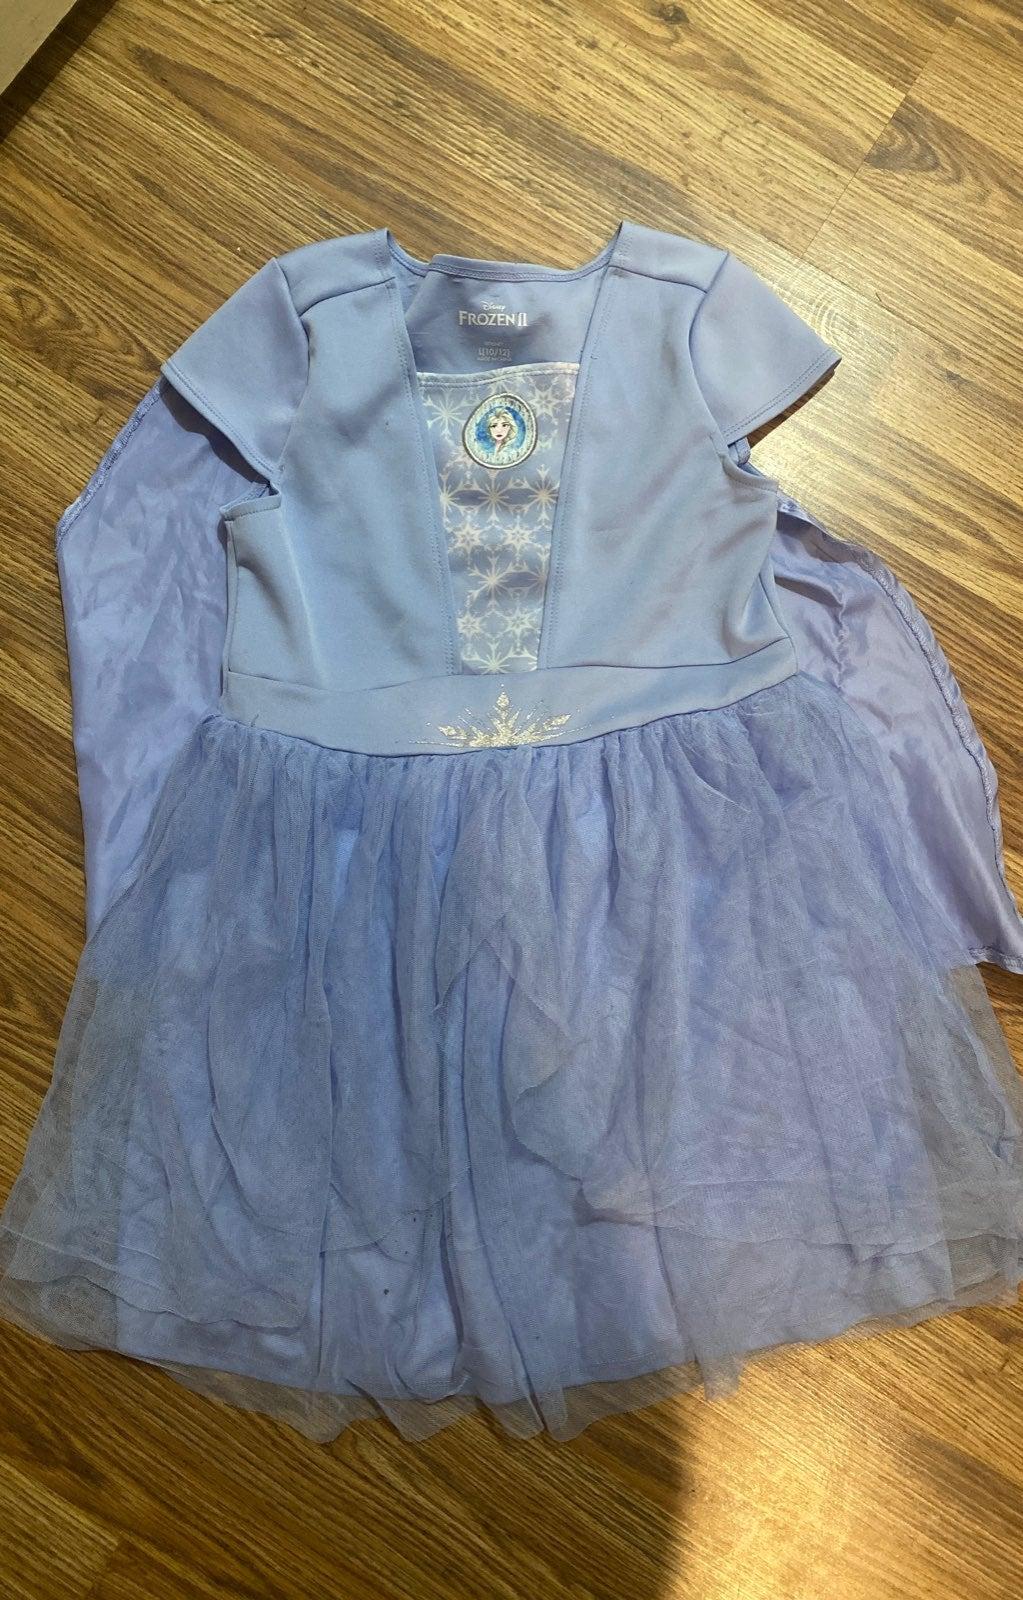 Frozen 2 elsa dress with detachable cape